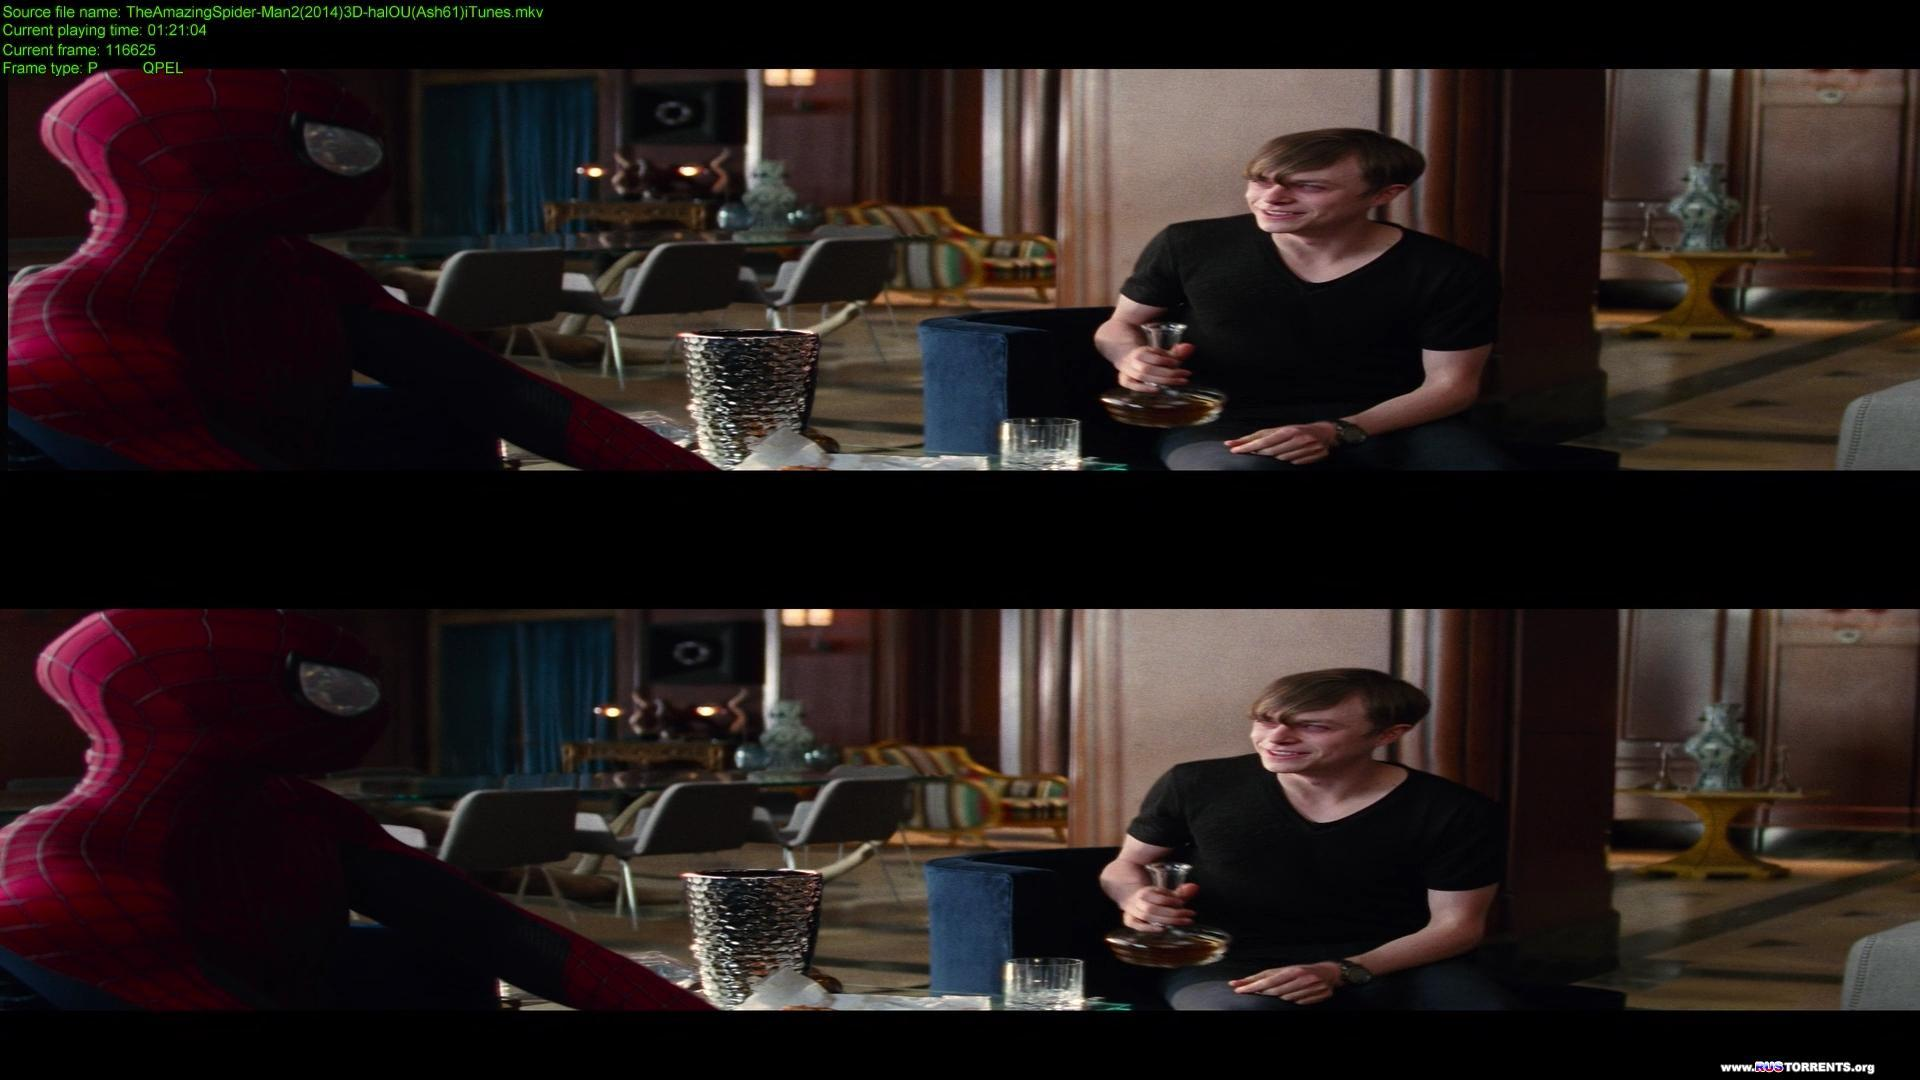 Новый Человек-паук: Высокое напряжение | BDRip 1080p | 3D-Video | halfOU | Лицензия